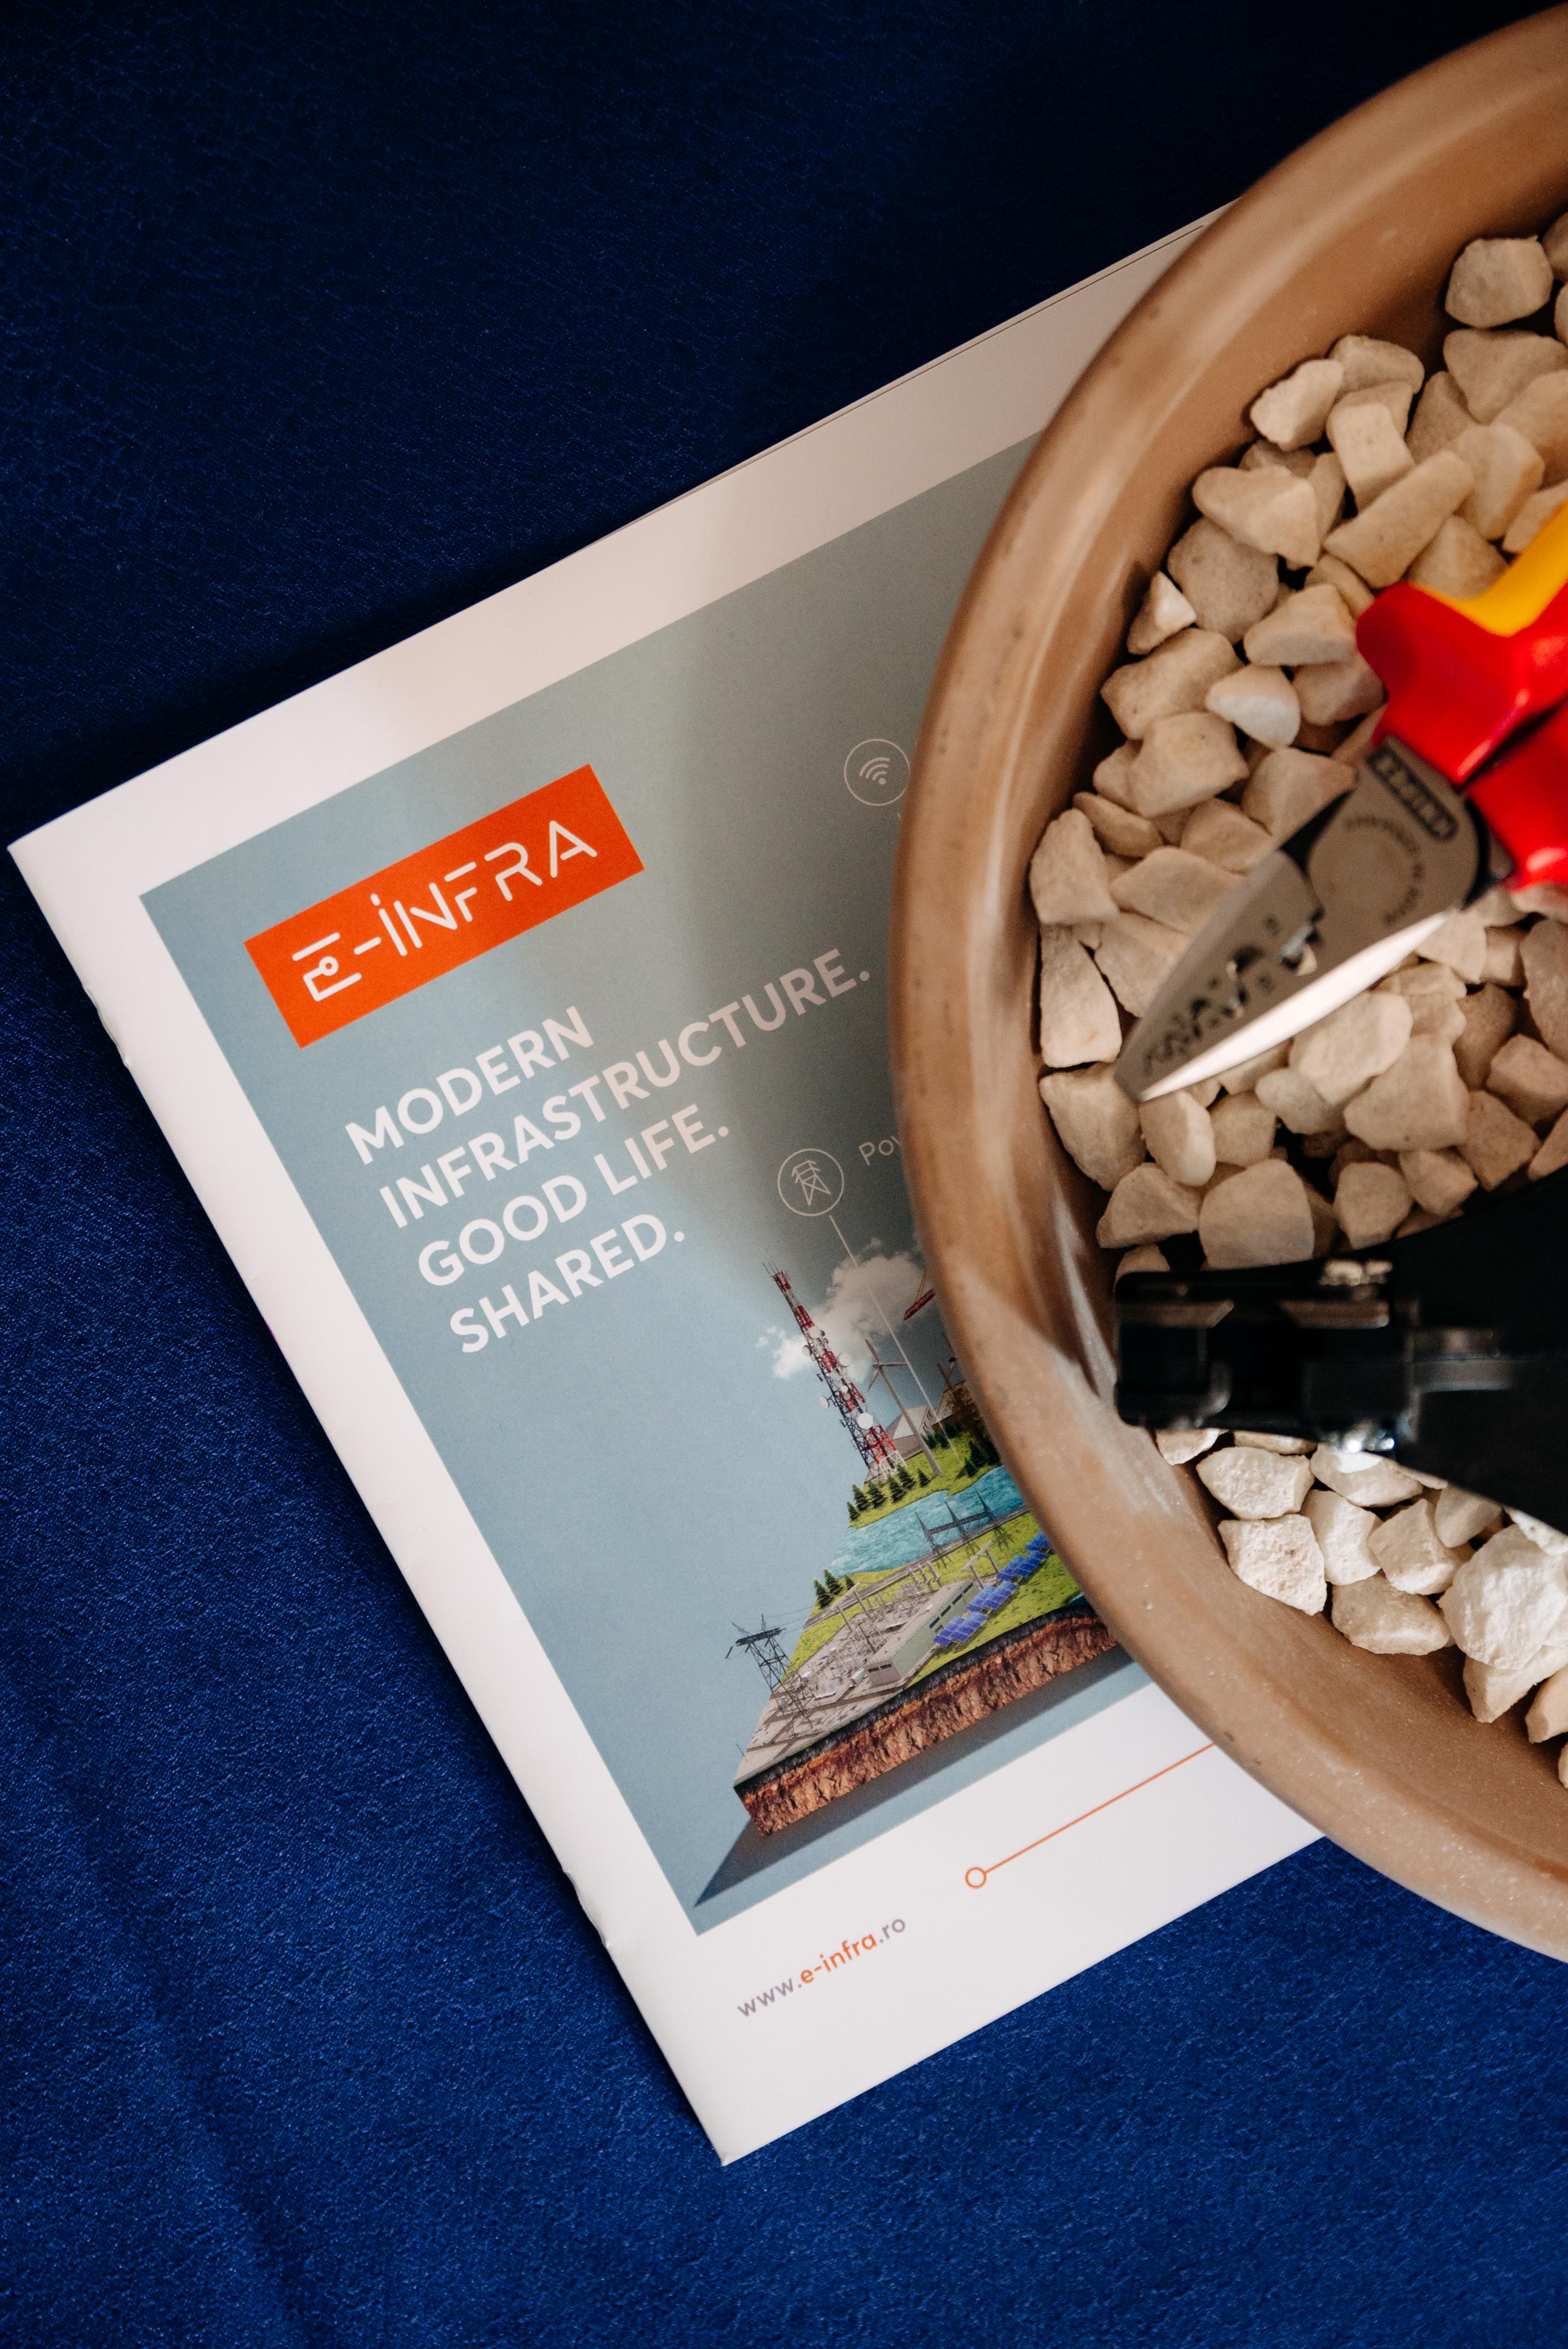 Asociatia Internațională de Meserii și E-INFRA, alături de The Lincoln College, parteneriat pentru lansarea cursurilor tehnice City & Guilds